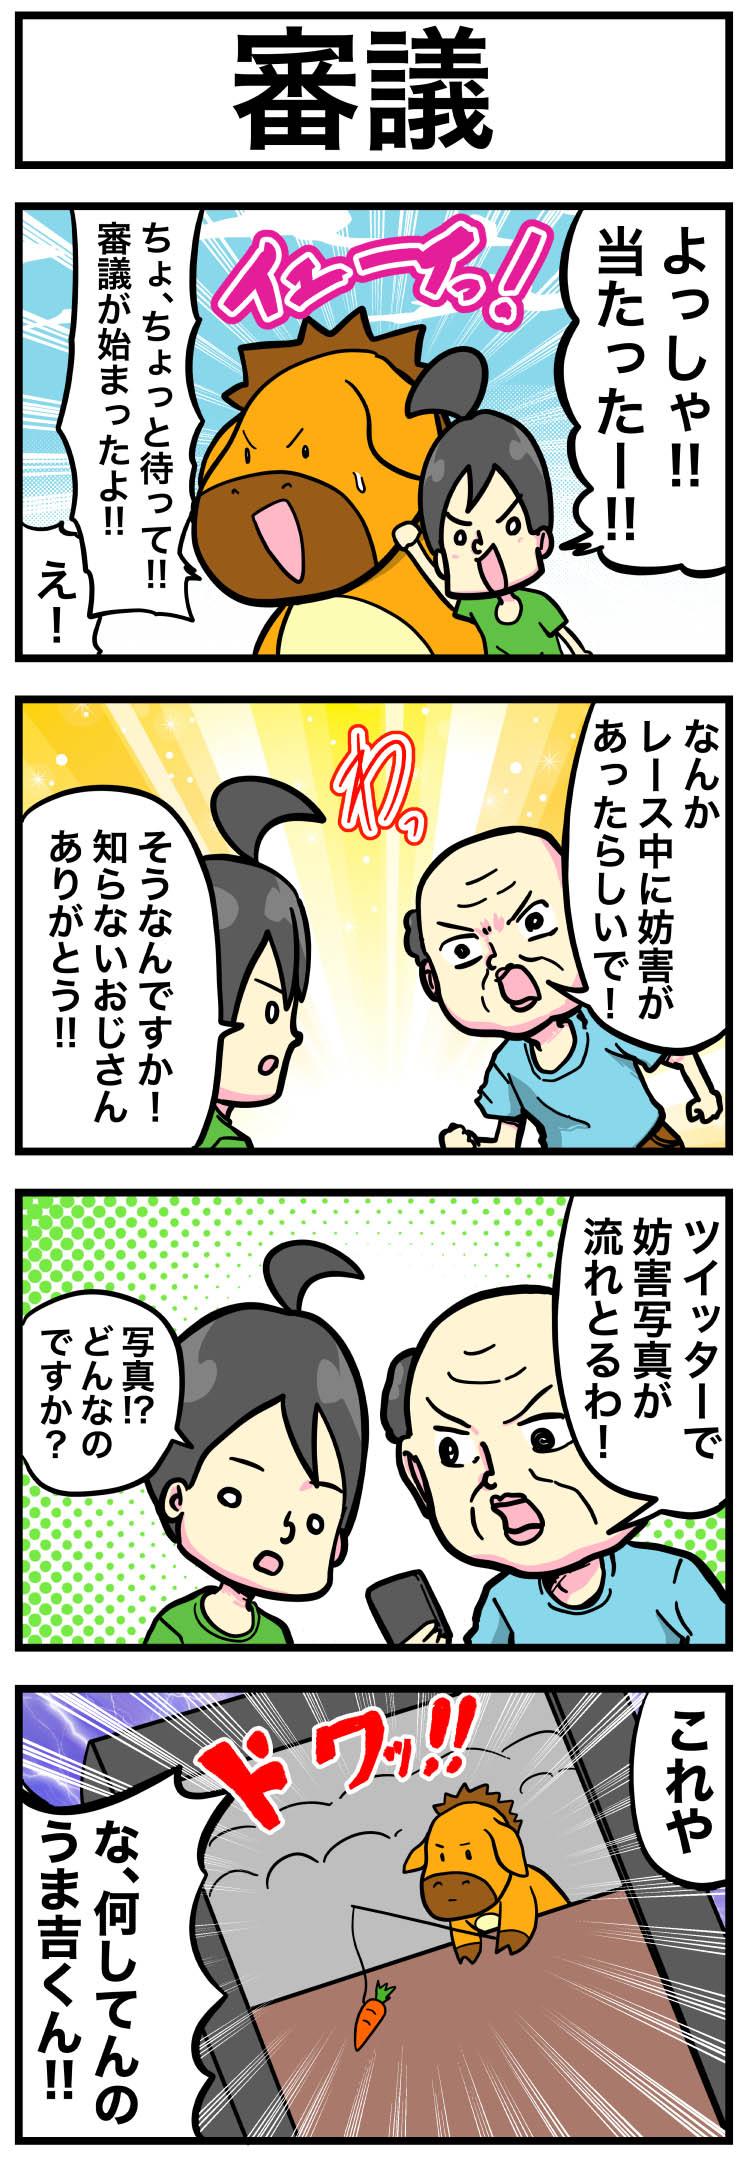 審議【うま吉の鉄板穴馬マンガ】